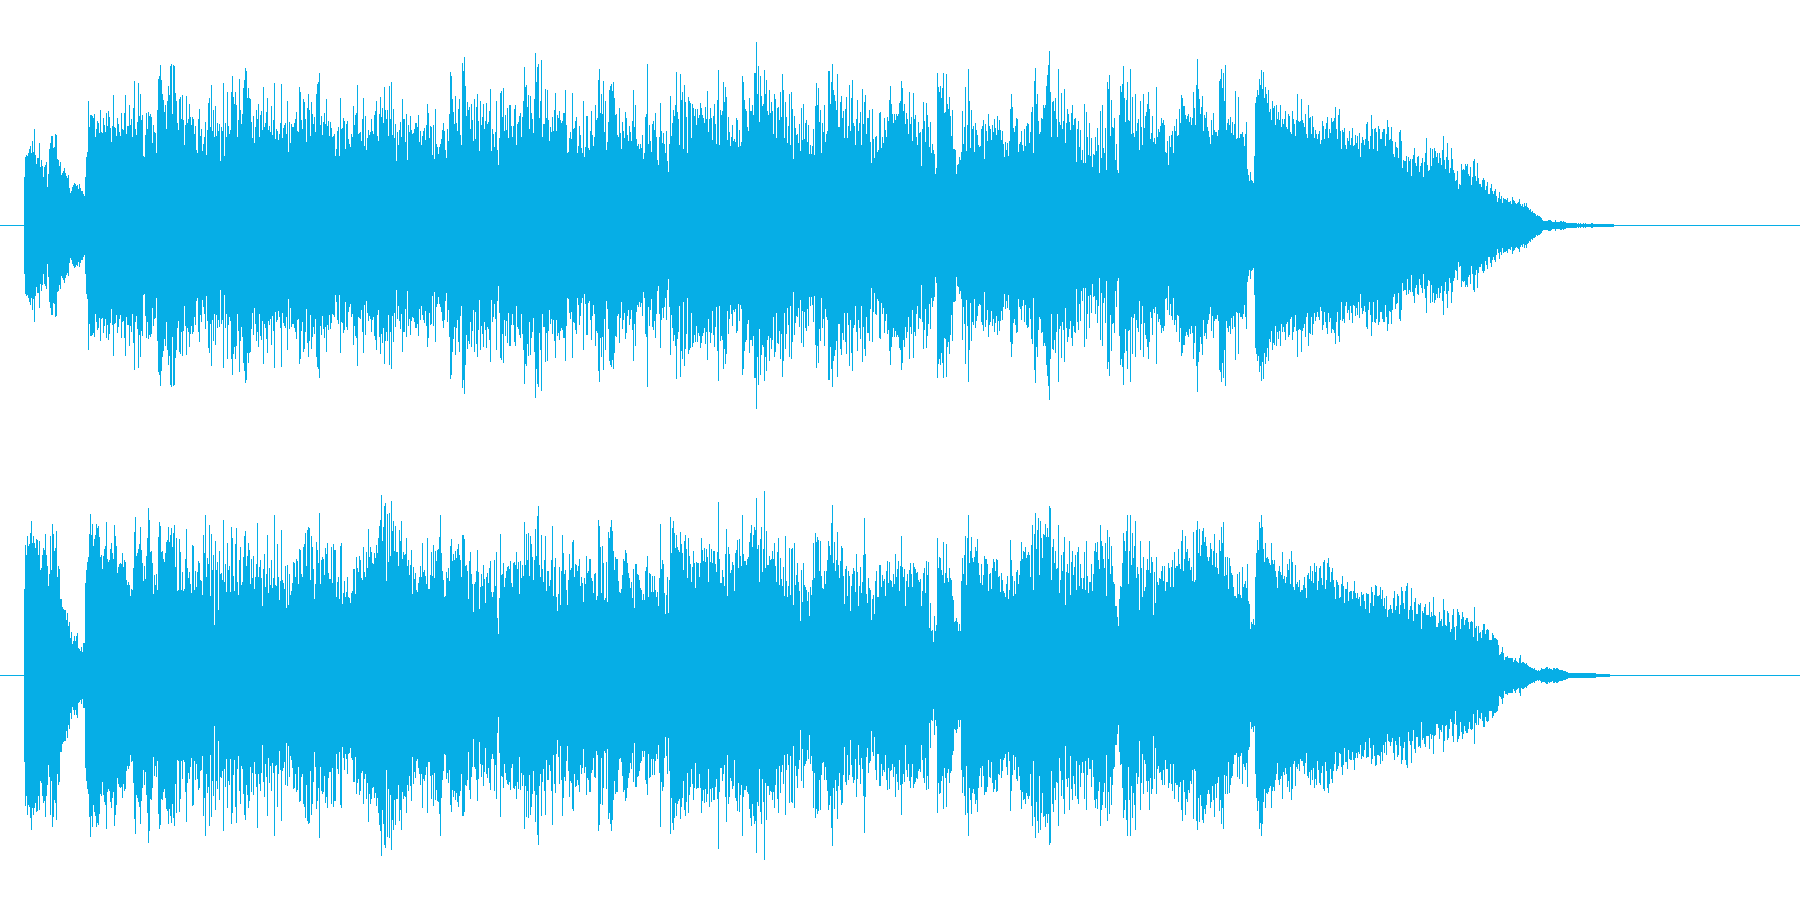 神秘的なピアノバラードの再生済みの波形